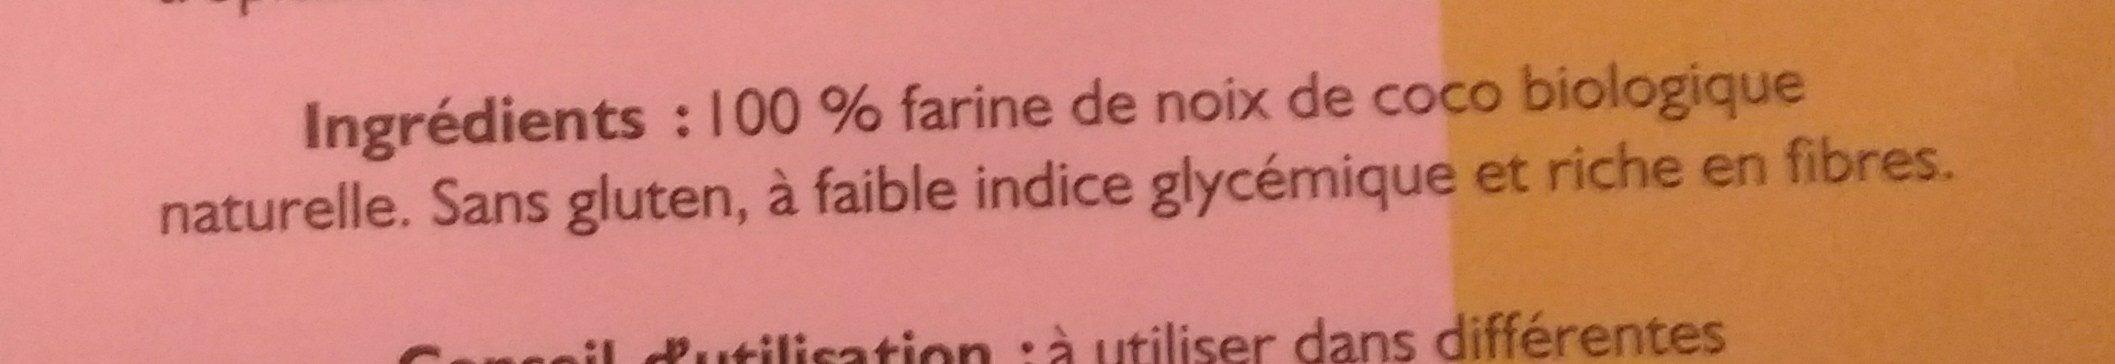 Farine de coco BIO - sachet de - Ingrédients - fr